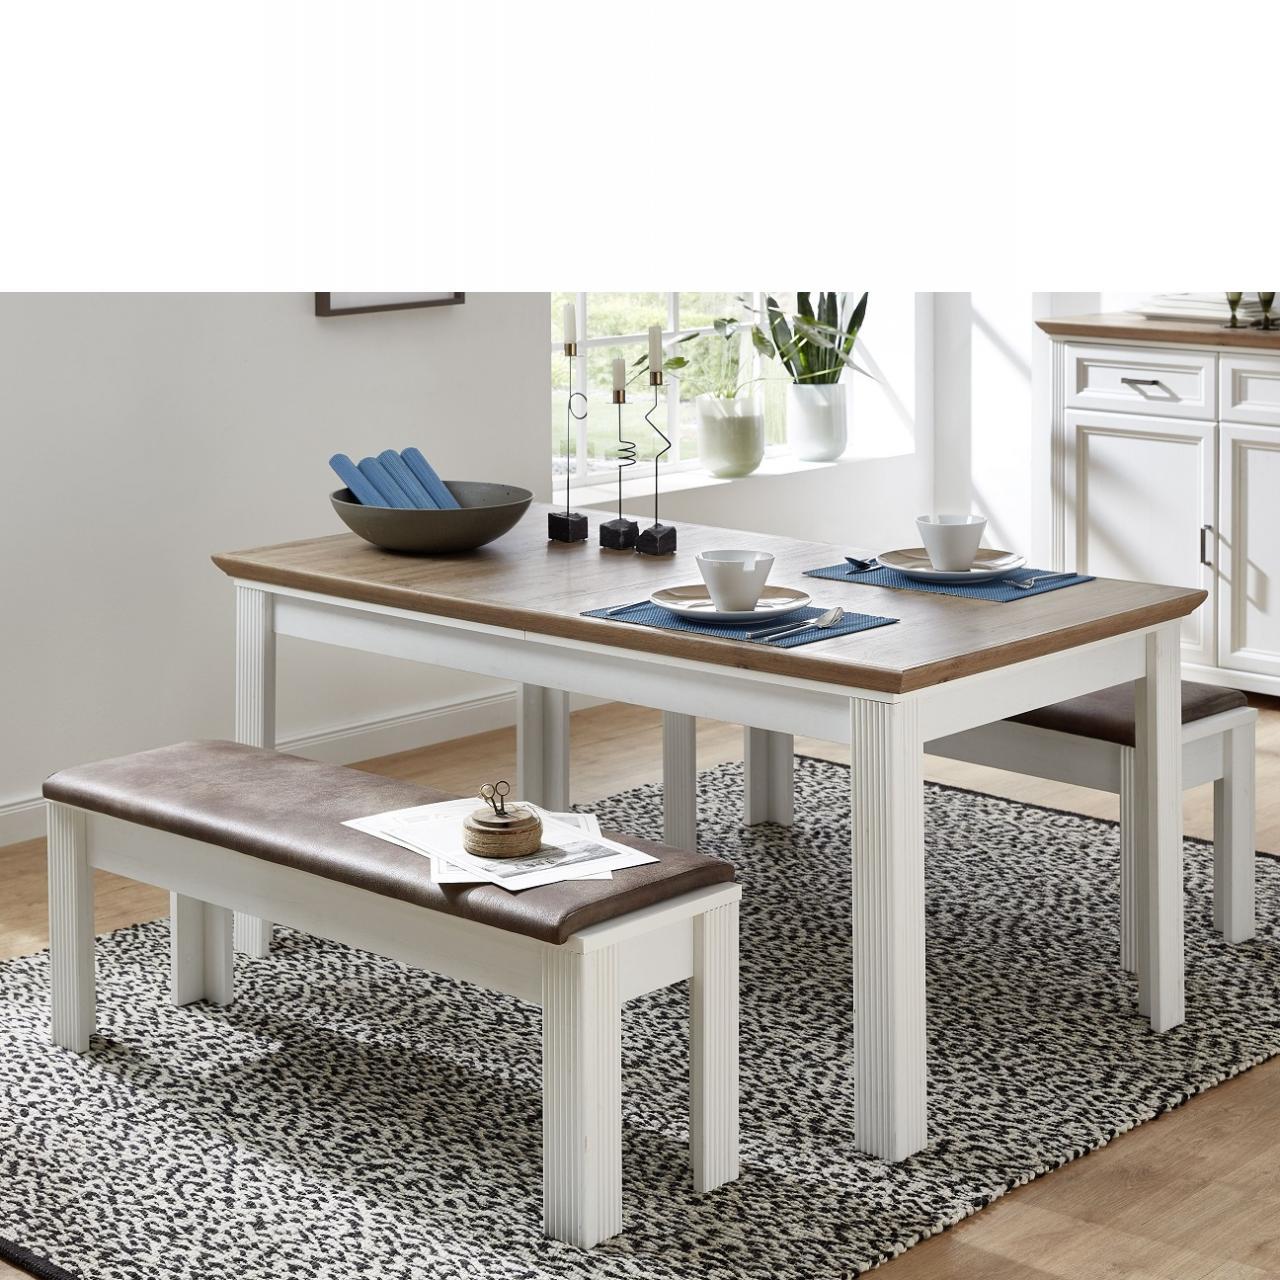 Esstisch Jasmin Pine Hell Artisan Eiche Nb. Ausziehbar Küchentisch Küche